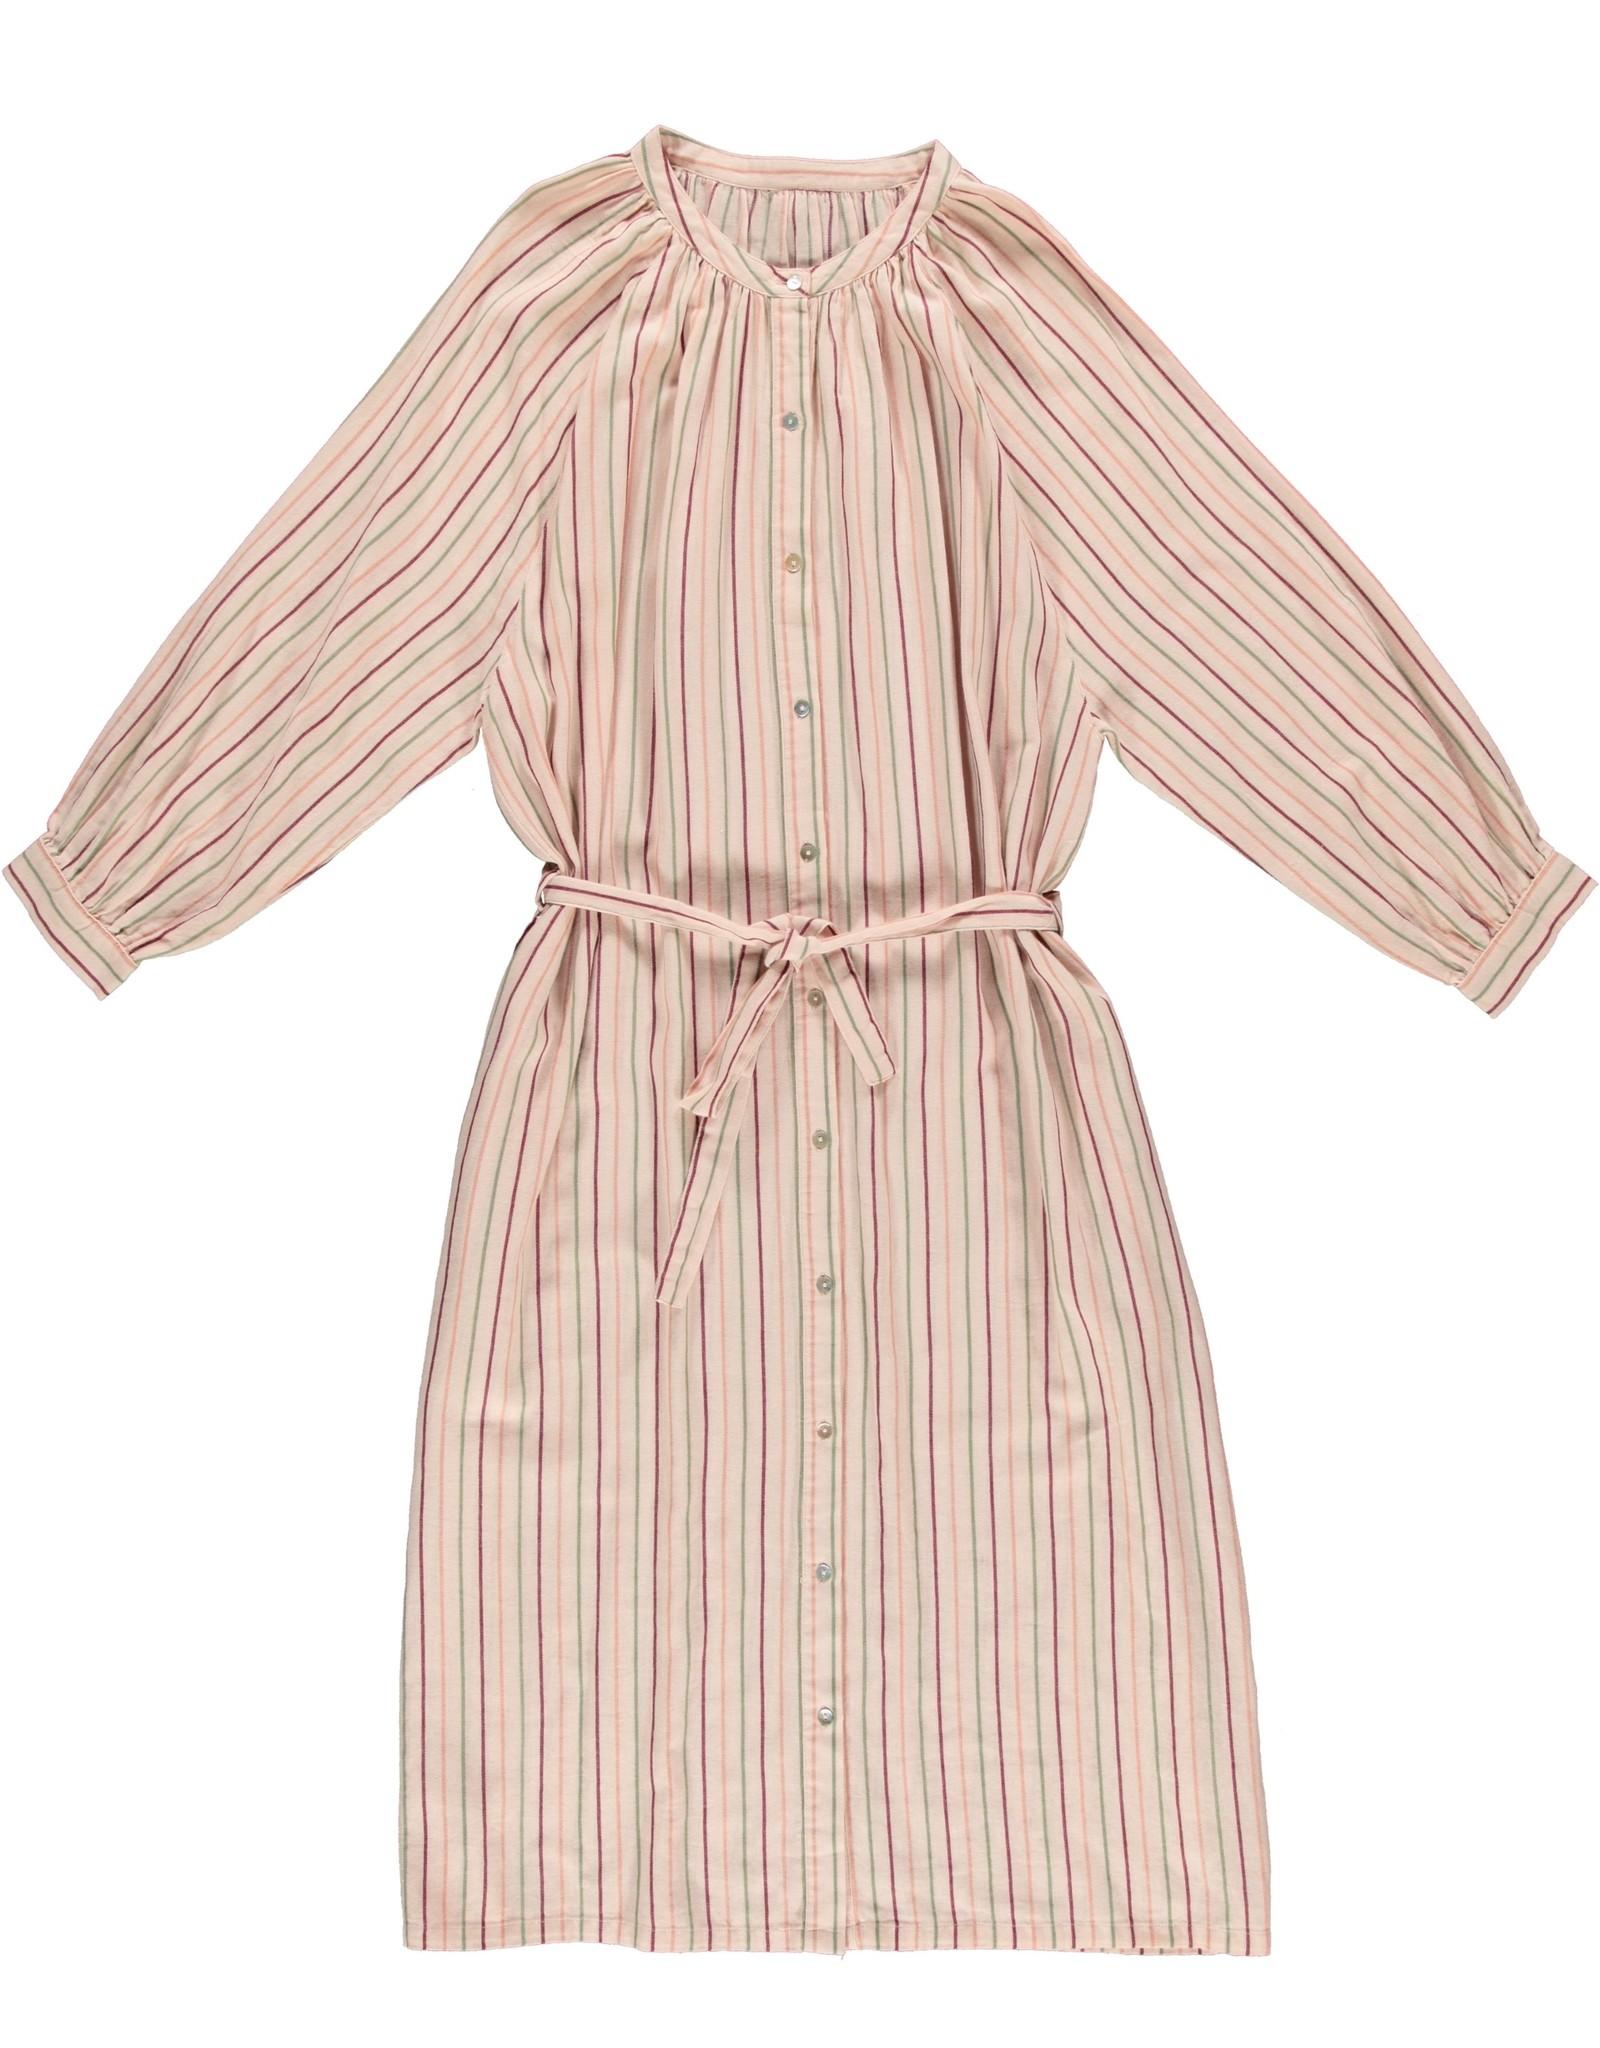 Dorélit Fai   Nightdress   Stripe Pink